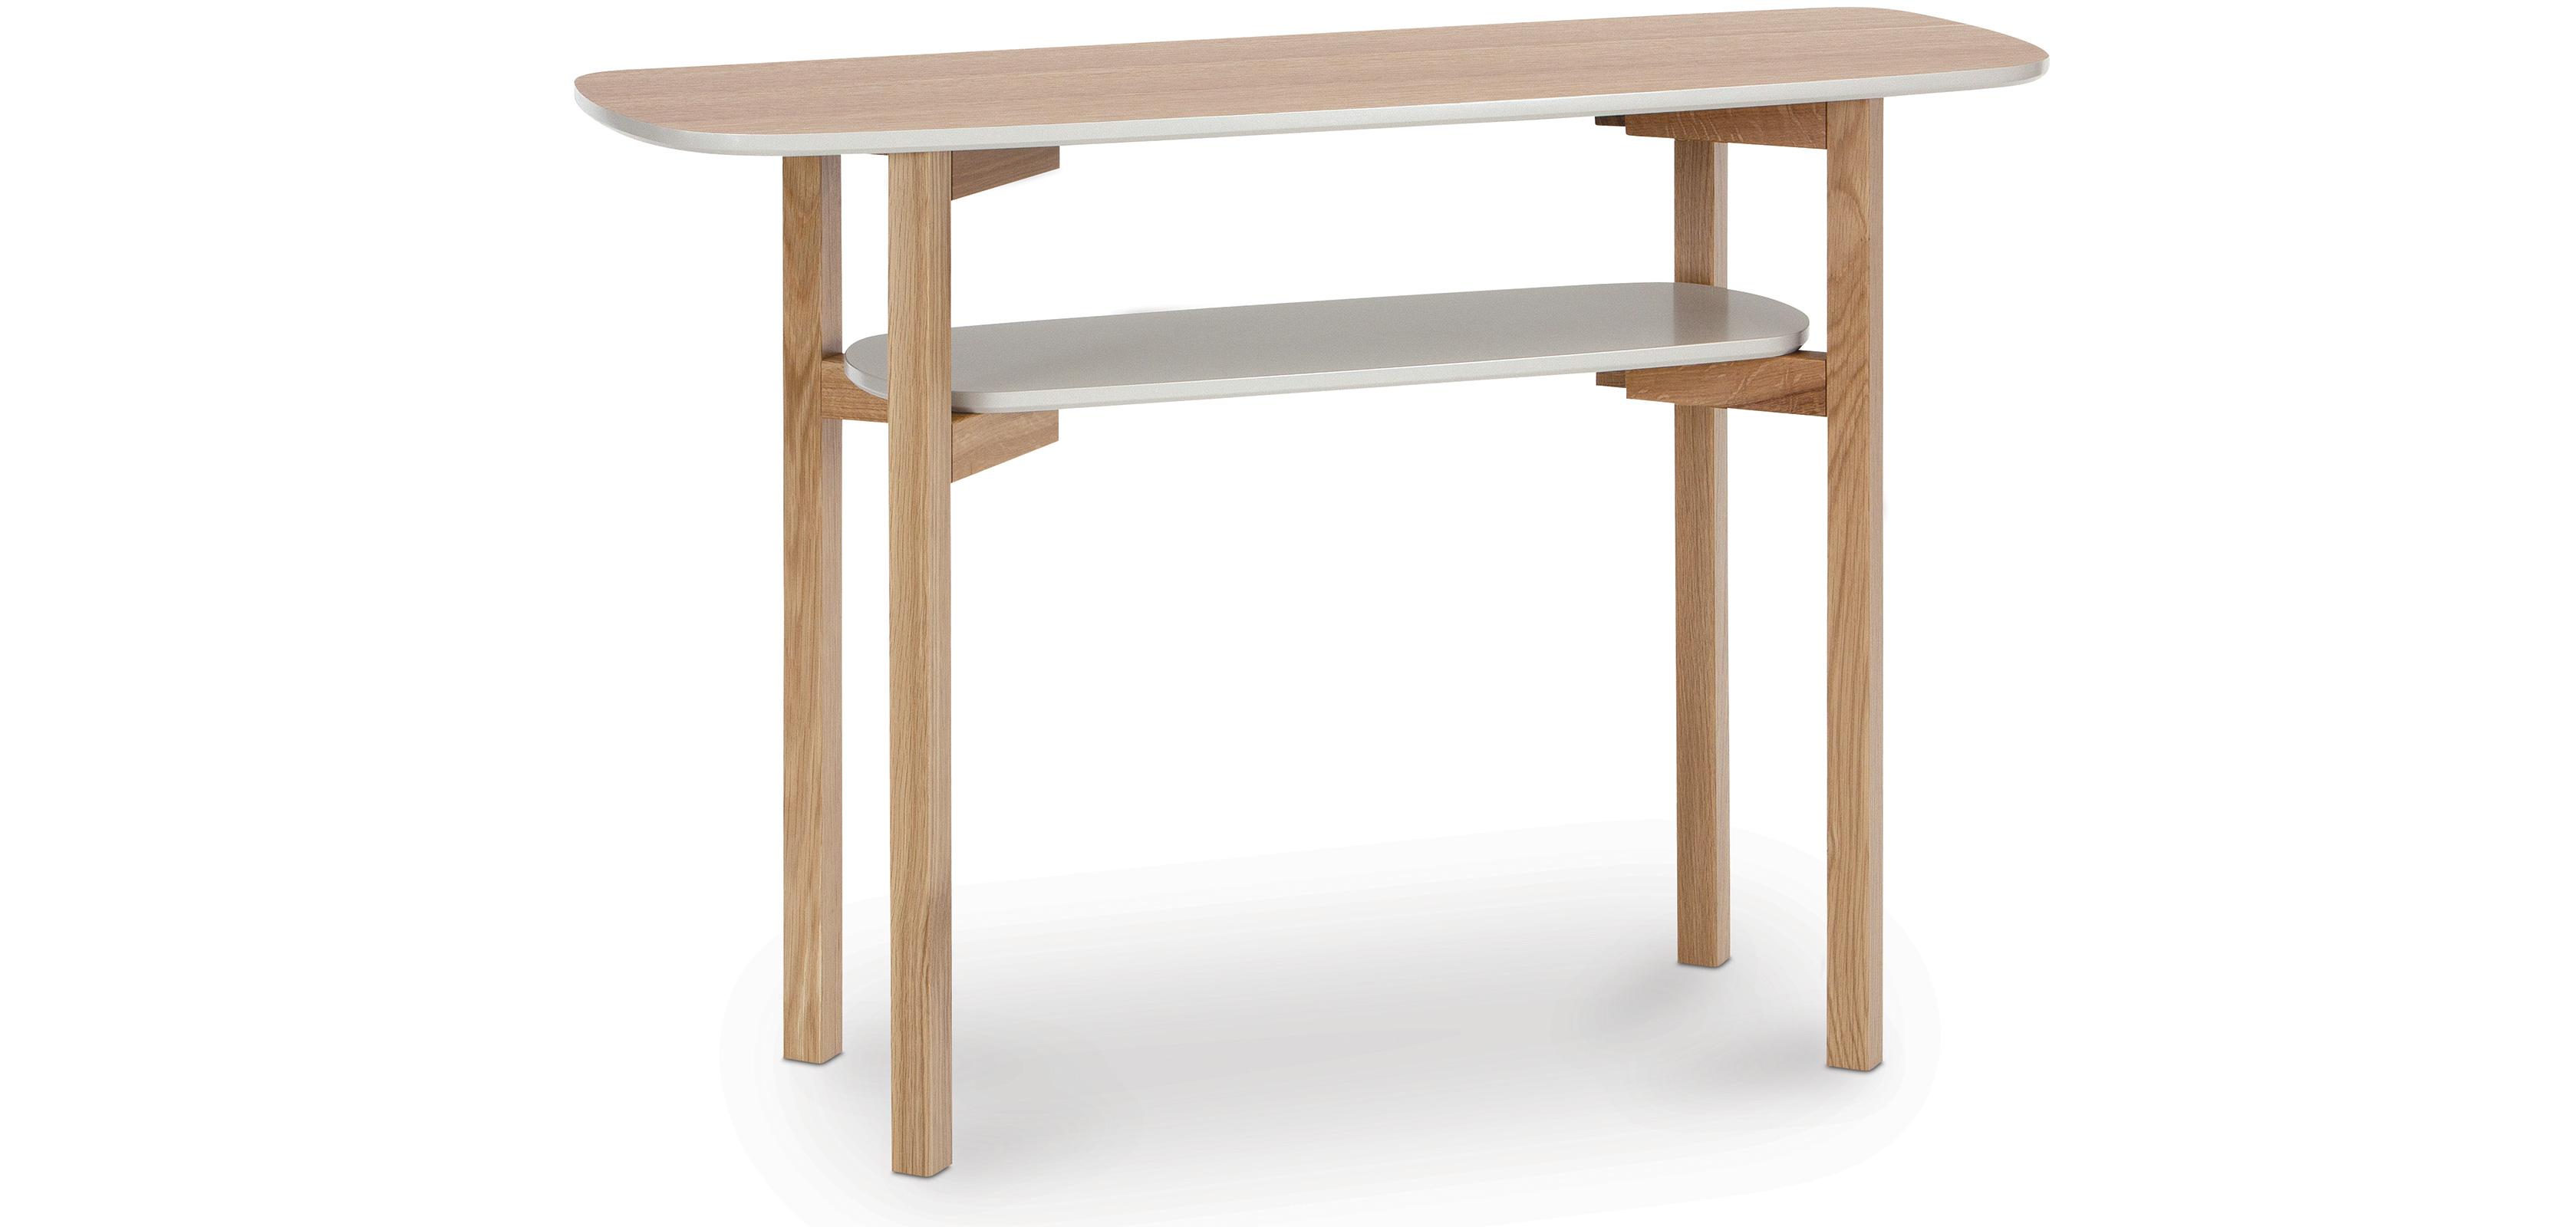 Tavolo console in legno di stile scandinavo - Tavolo stile scandinavo ...